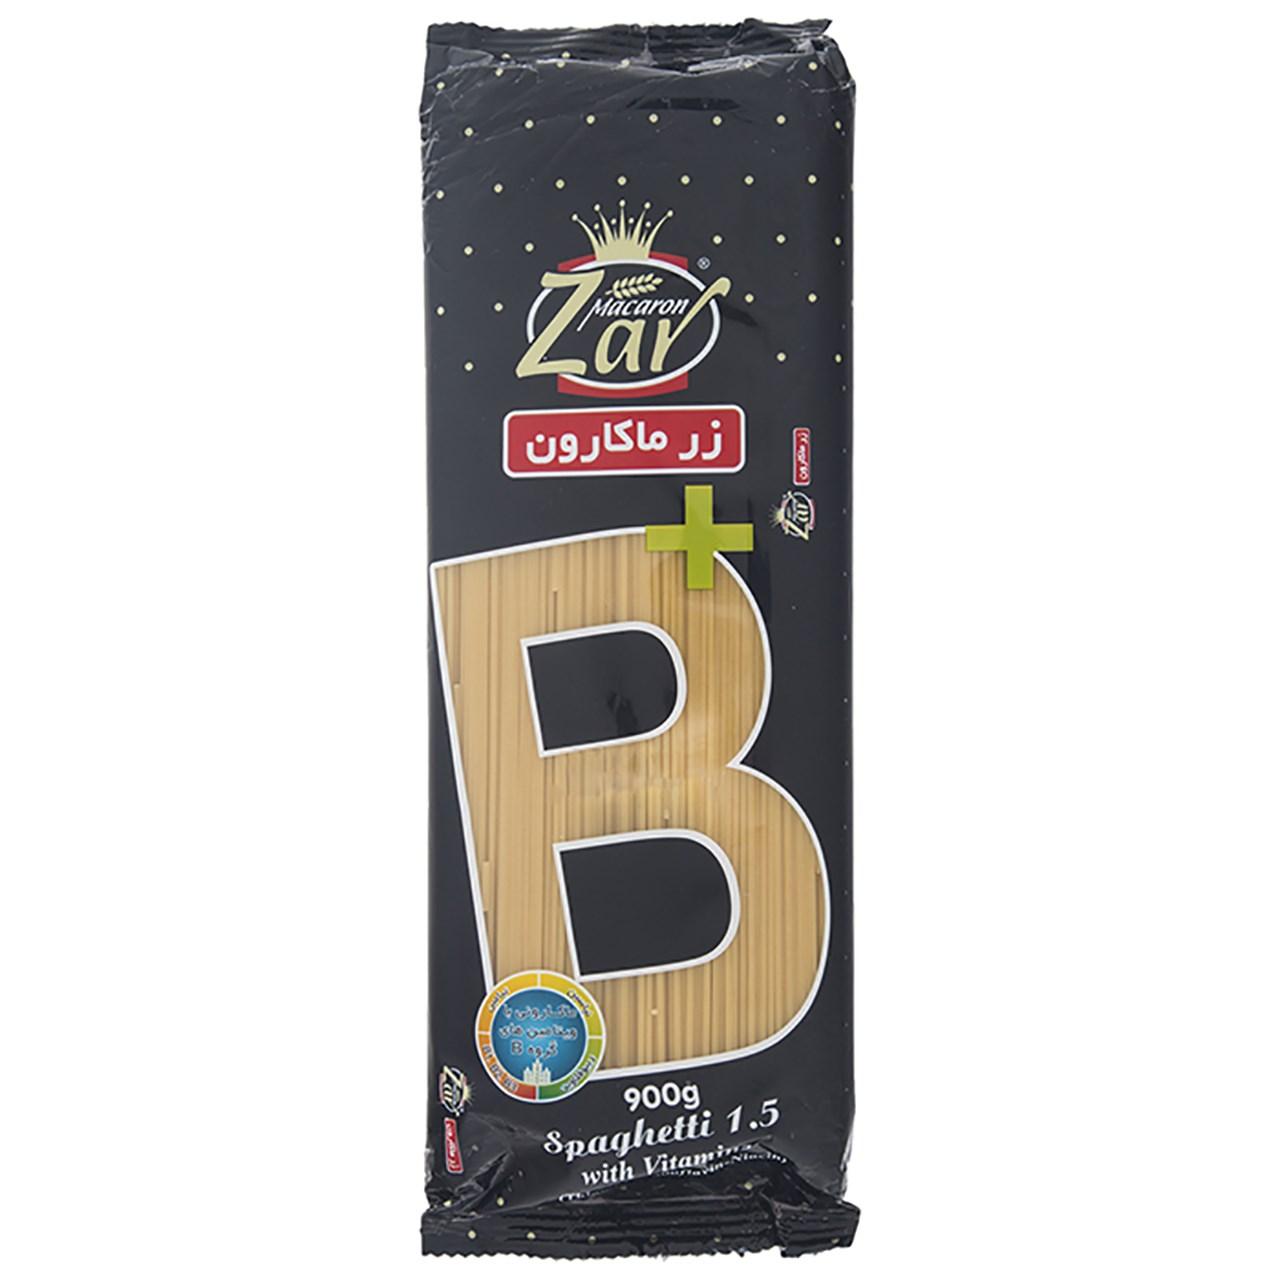 اسپاگتی قطر 1.5 حاوی ویتامین B زر ماکارون - 900 گرم